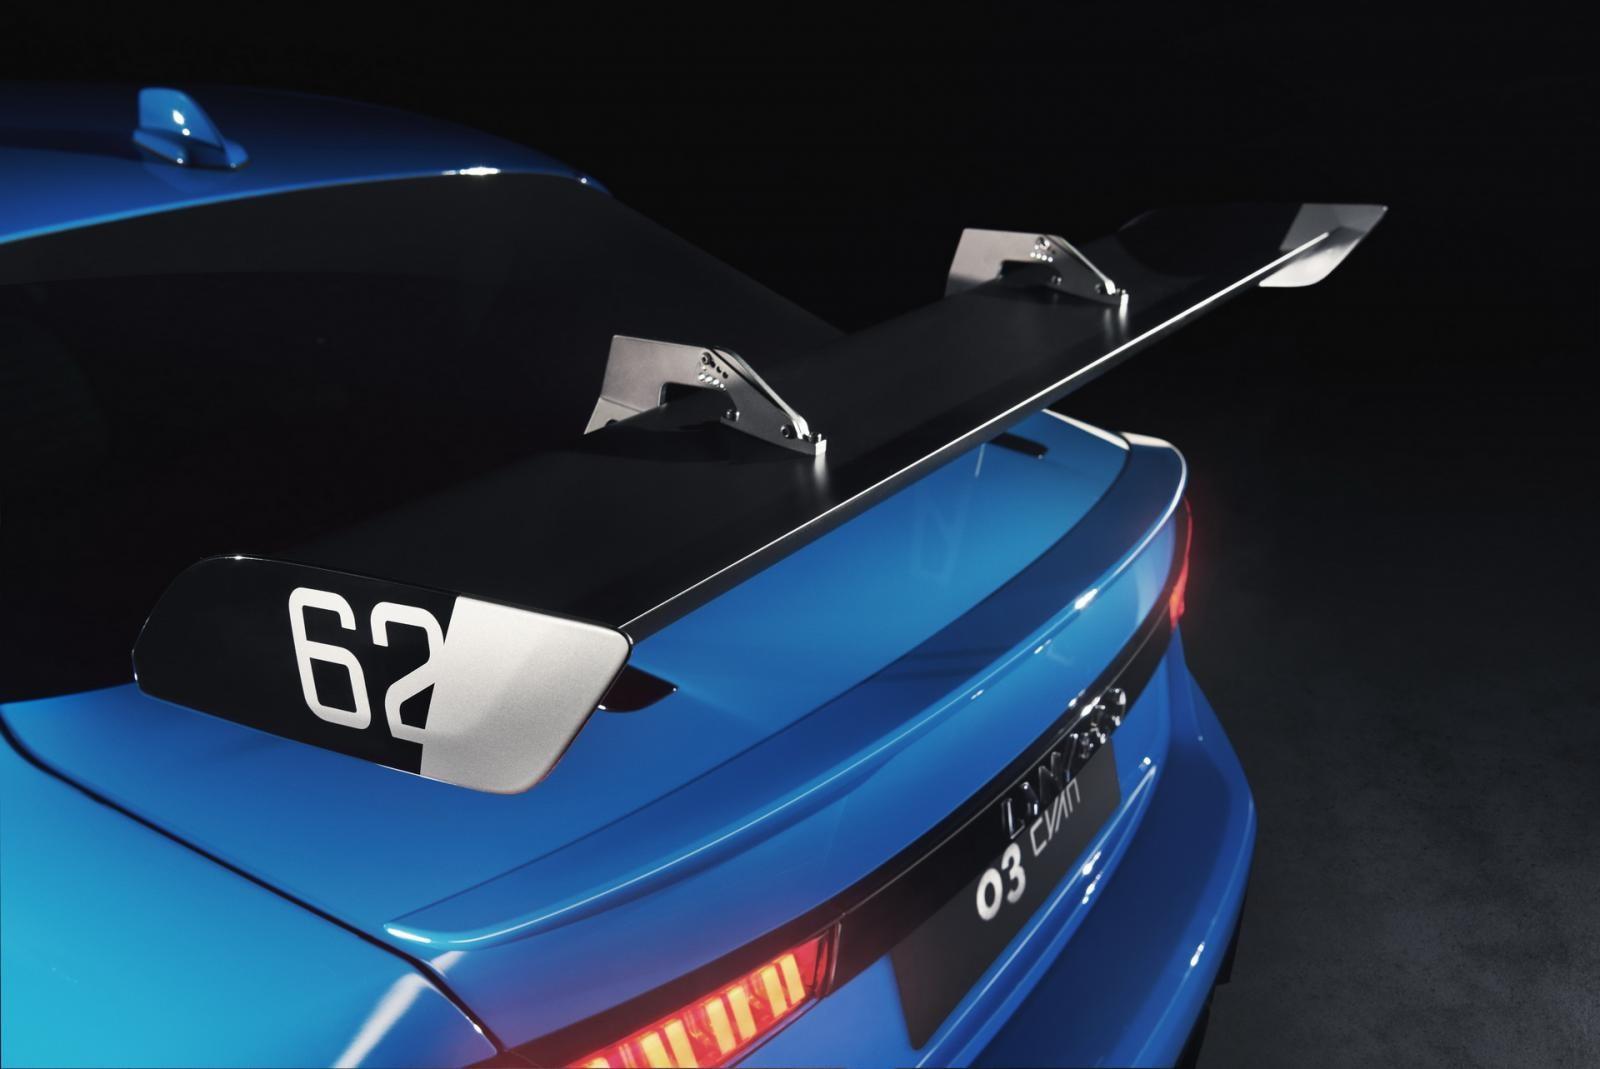 Phía sau xe có gắn một cánh gió lớn để cải thiện chỉ số khí động học